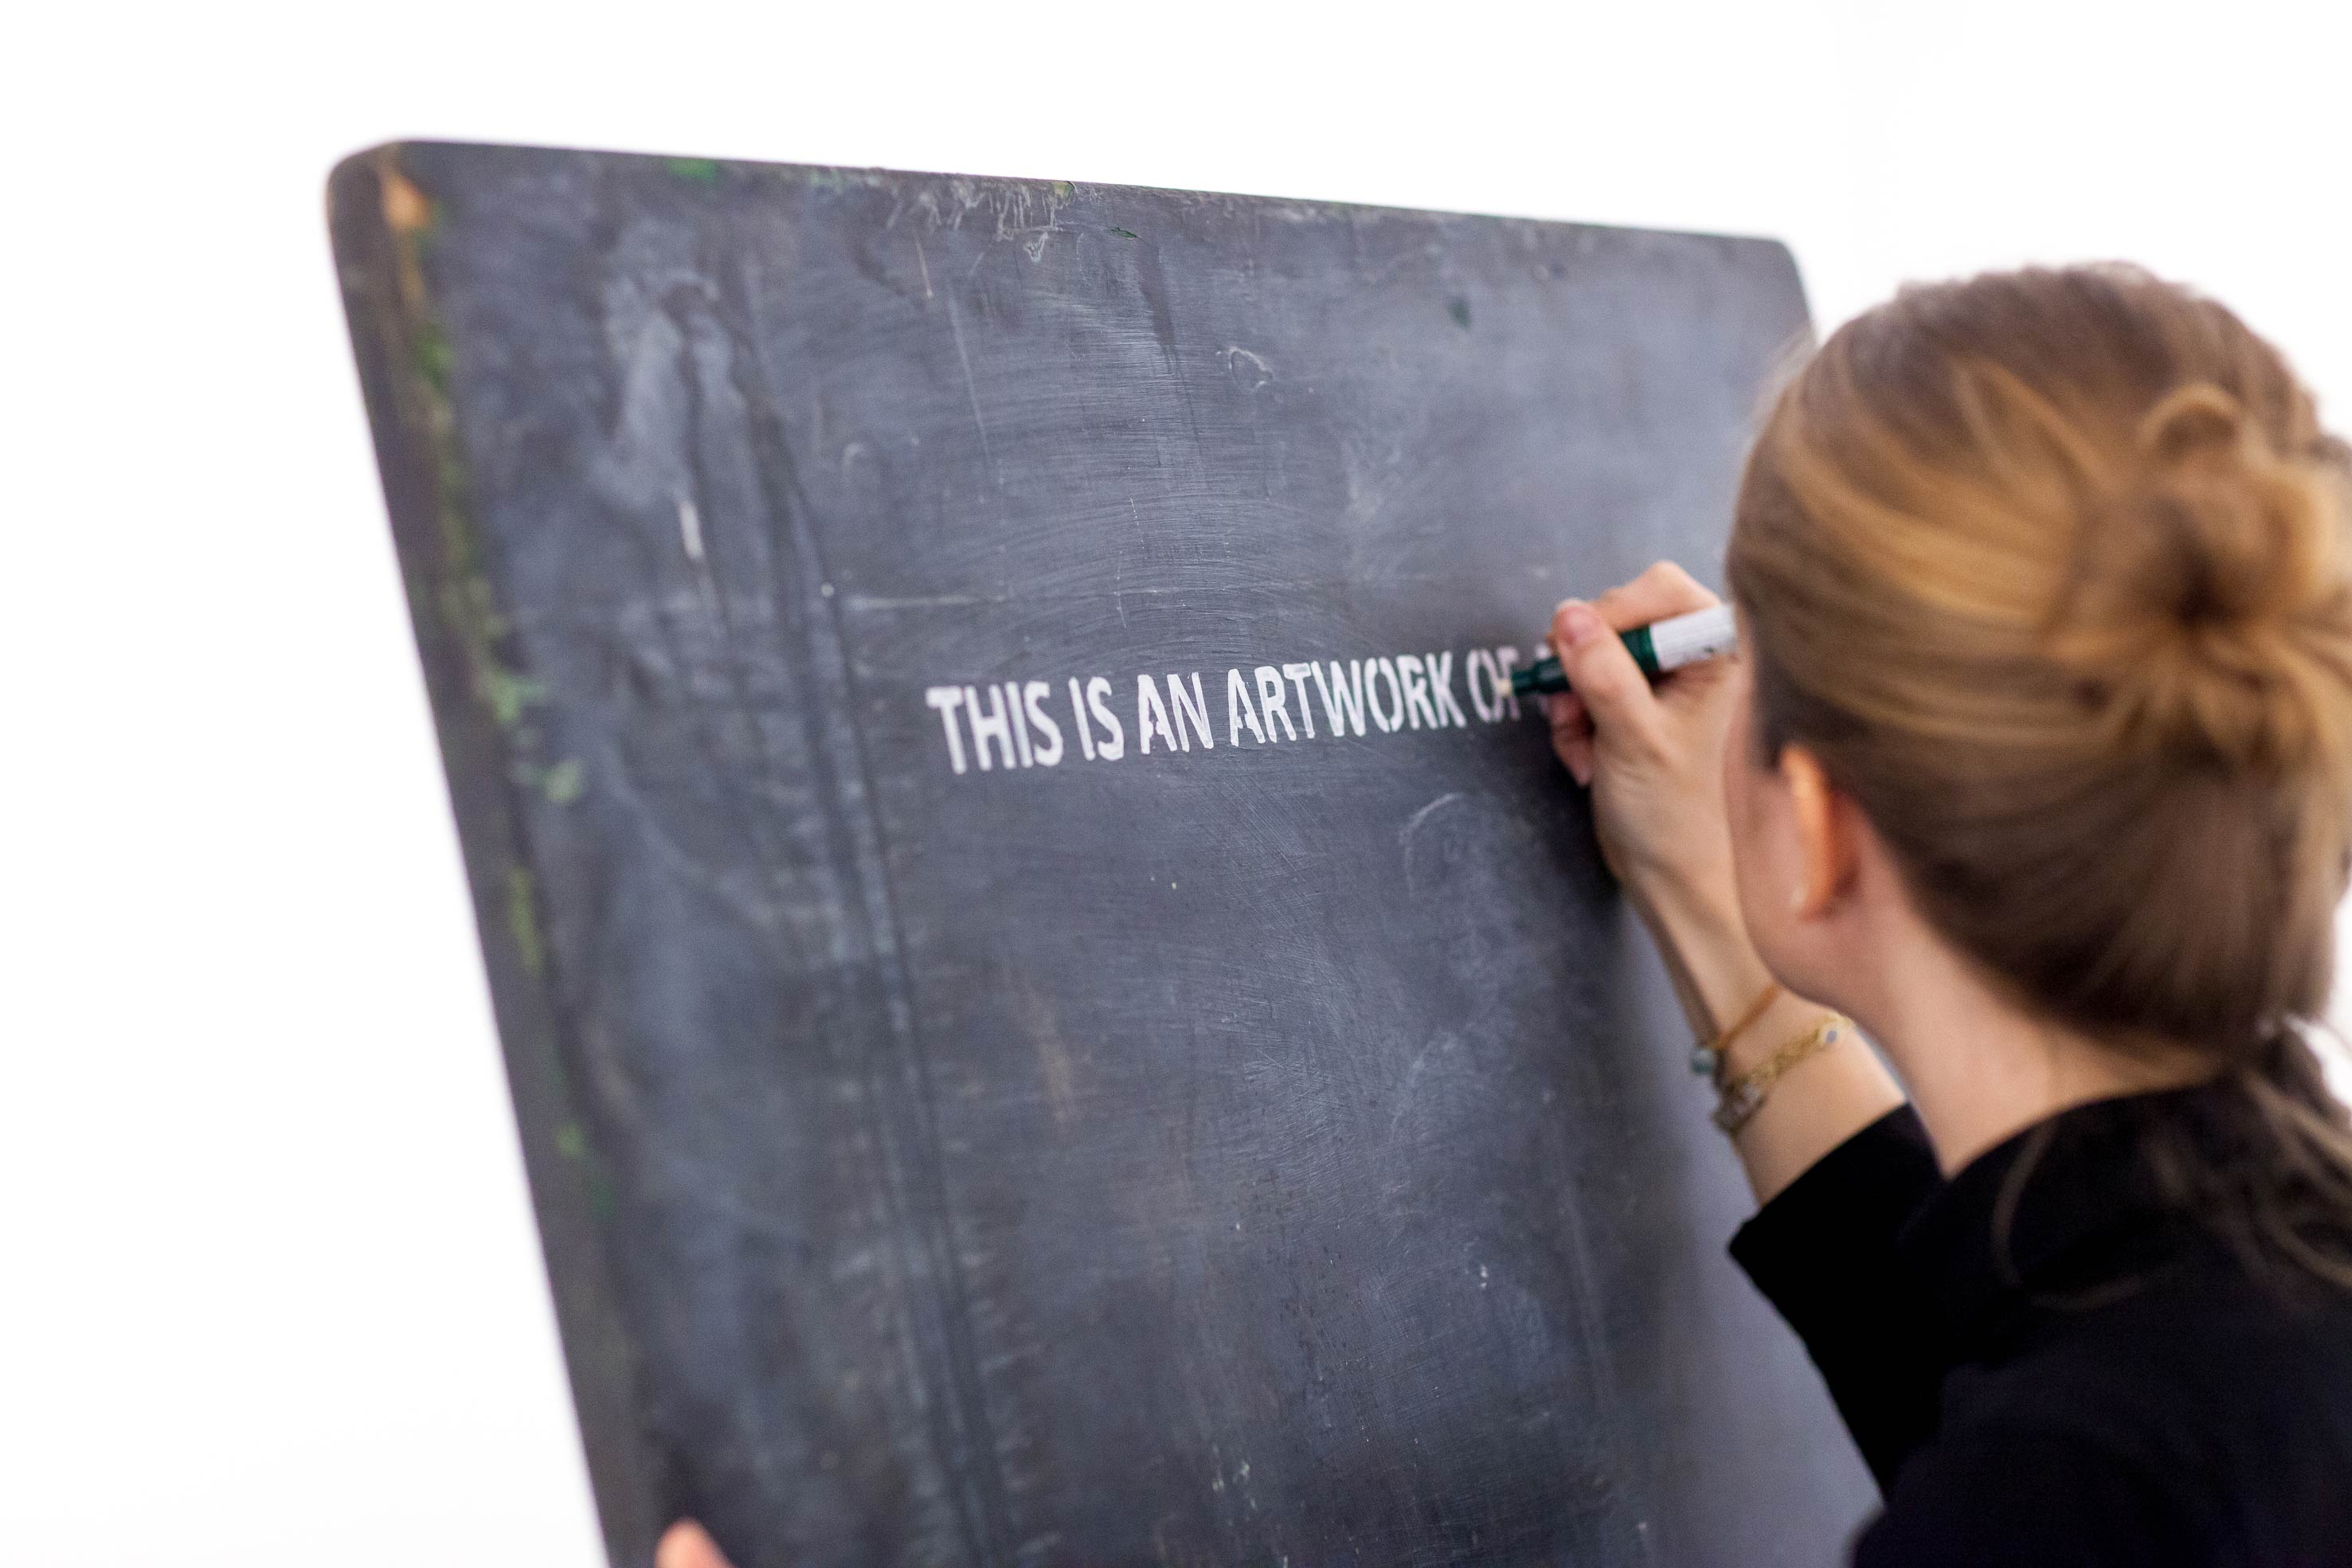 """Performance réalisée au sein du projet """"I am NOT tino sehgal""""à Nahmad Projects.    Pour leur premier projet """"I am NOT tino sehgal"""", les deux associés ont fait appel au célèbre commissaire d'exposition Francesco Bonami pour mettre en place un concept plutôt intrigant: un hommage à Tino Sehgal. L'artiste basé à Berlin est la star incontestée d'un art contemporain bousculant toutes les conventions. Avec Tino Sehgal (qui sera l'invité du Palais de Tokyo en octobre), ni objet matériel ni trace de son travail (photographique ou vidéo)… mais des expériences à vivre.   Des """"situations"""" qui forment des moments chorégraphiés par ses soins où peuvent se mêler chants, danses, déplacements dans l'espace ou simples paroles. Le spectateur ne sachant en général rien de ce qui l'attend, la surprise est totale. La dématérialisation de l'œuvre d'art est à son apogée… Mais elle reste bien à vendre (devant notaire et par oral, sans trace écrite là non plus)."""